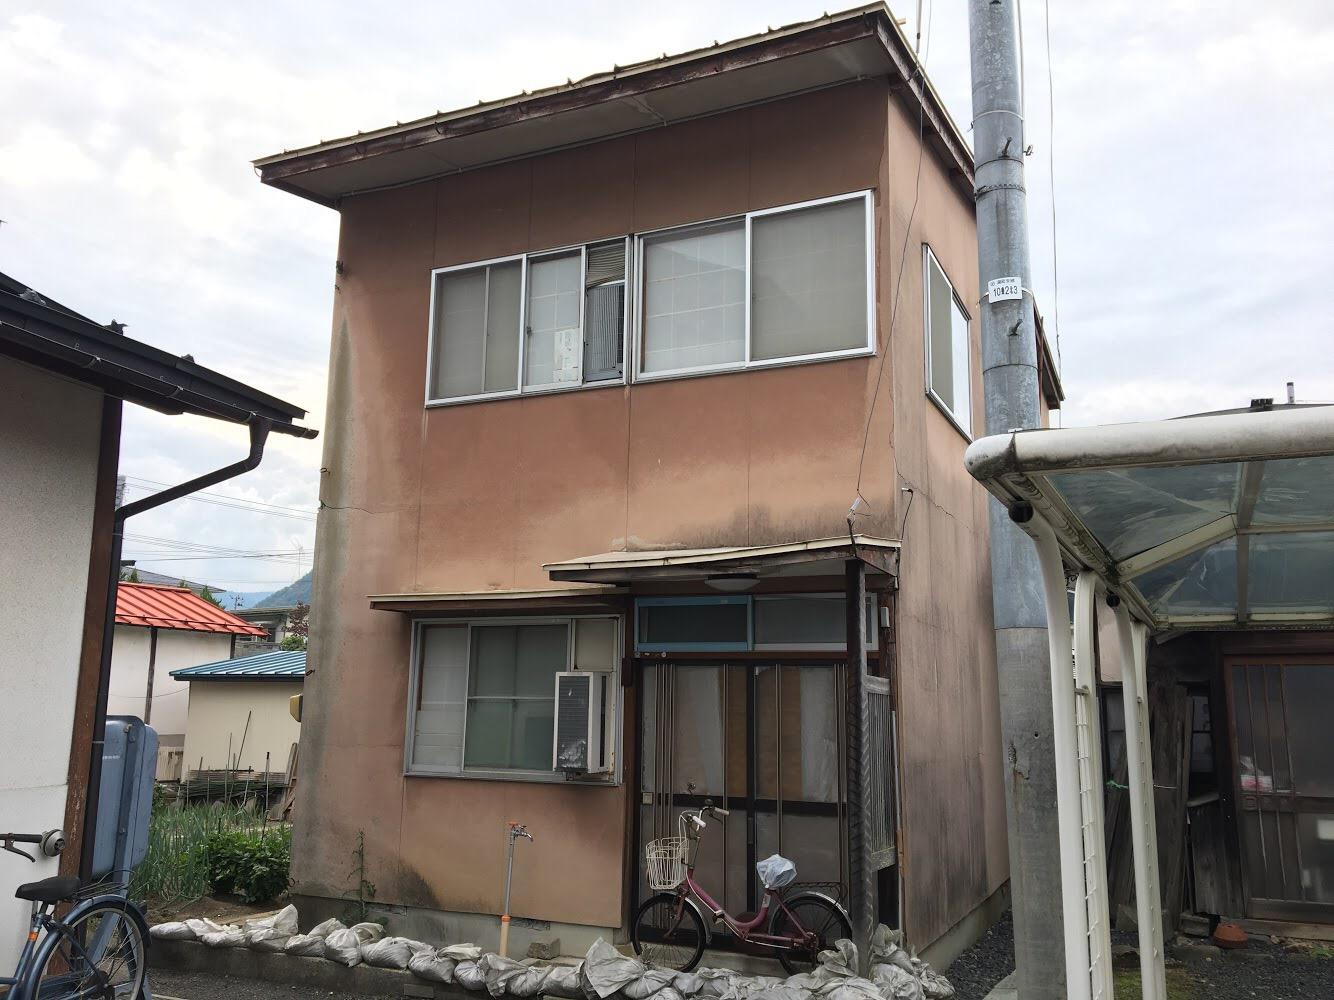 築46年 木造住宅外装リフォーム 外壁工事 | 雨漏り修理・外壁工事の雨ん防